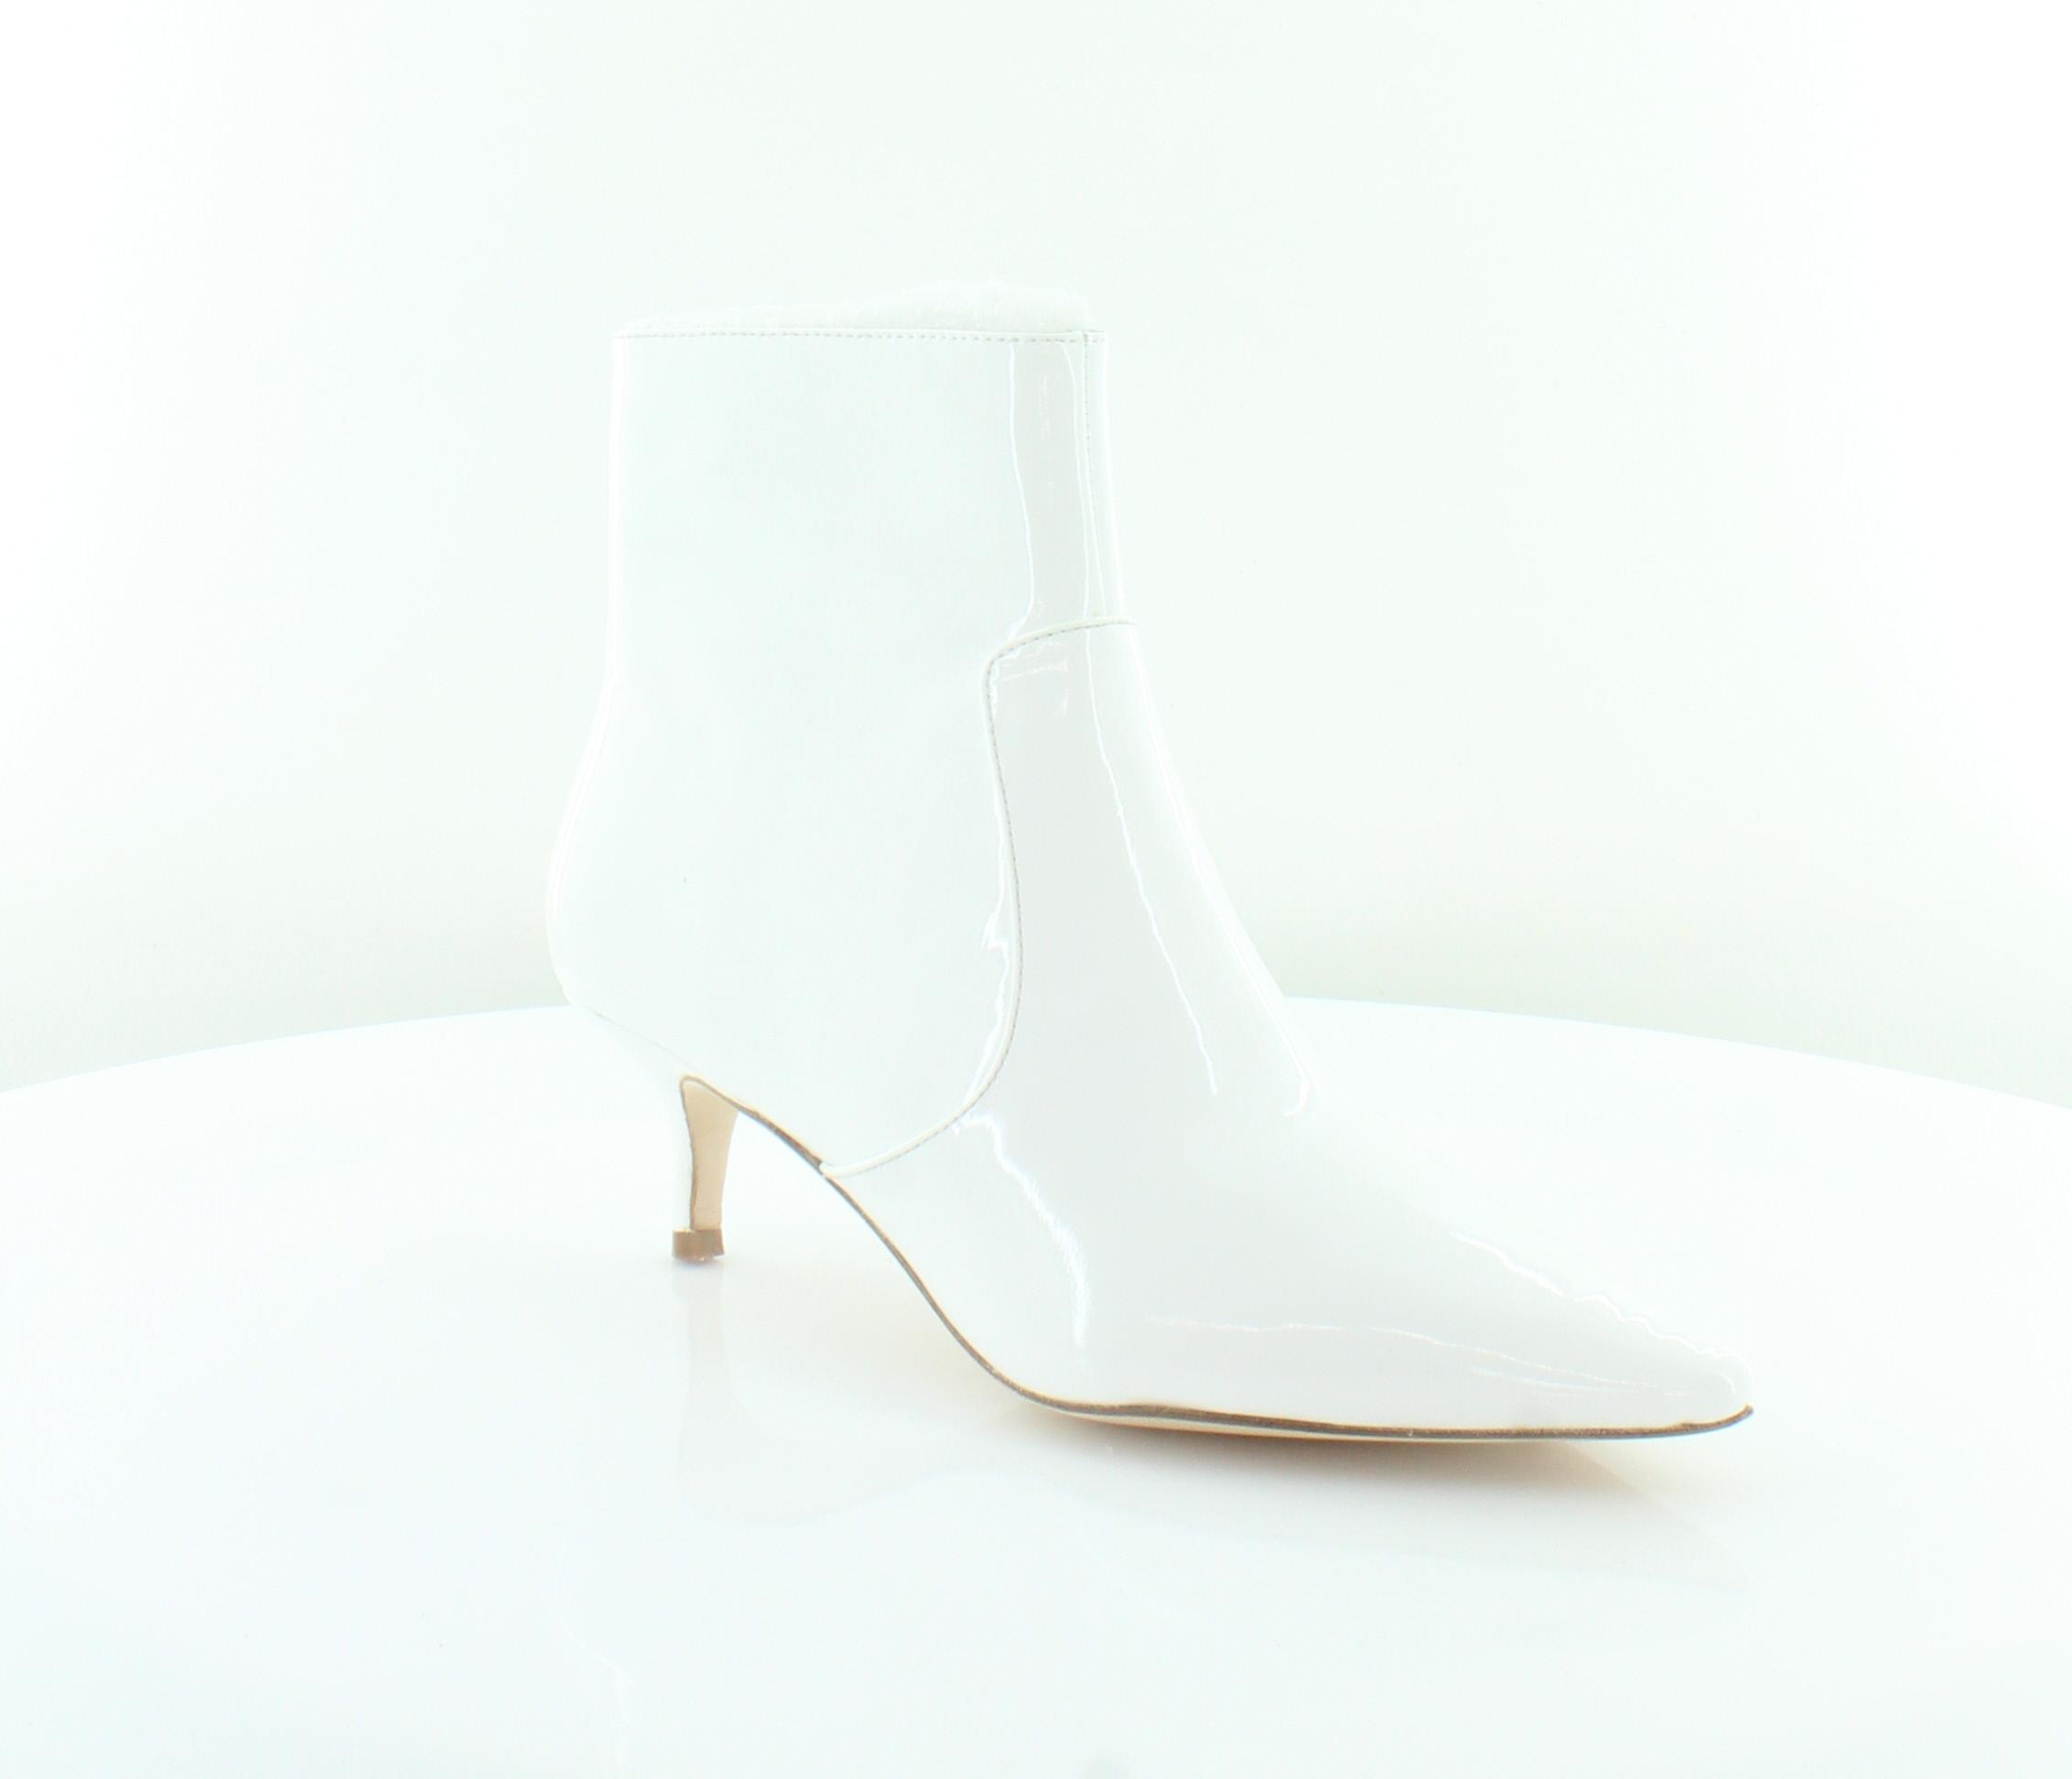 Bettye Muller Katy blancoo Zapatos para mujer M botas precio minorista sugerido por el fabricante